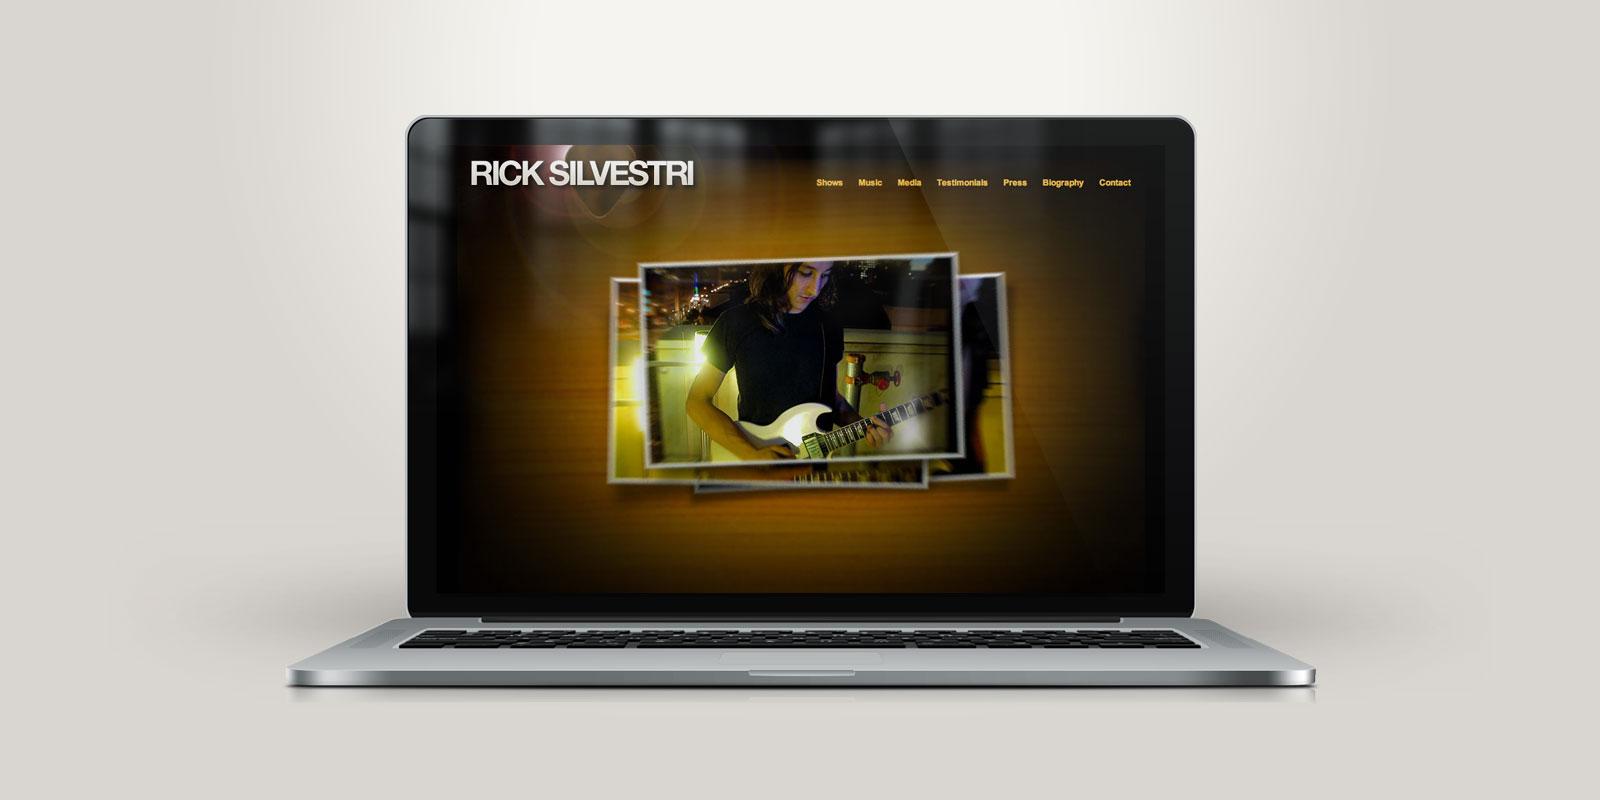 Rick Silvestri website on a laptop